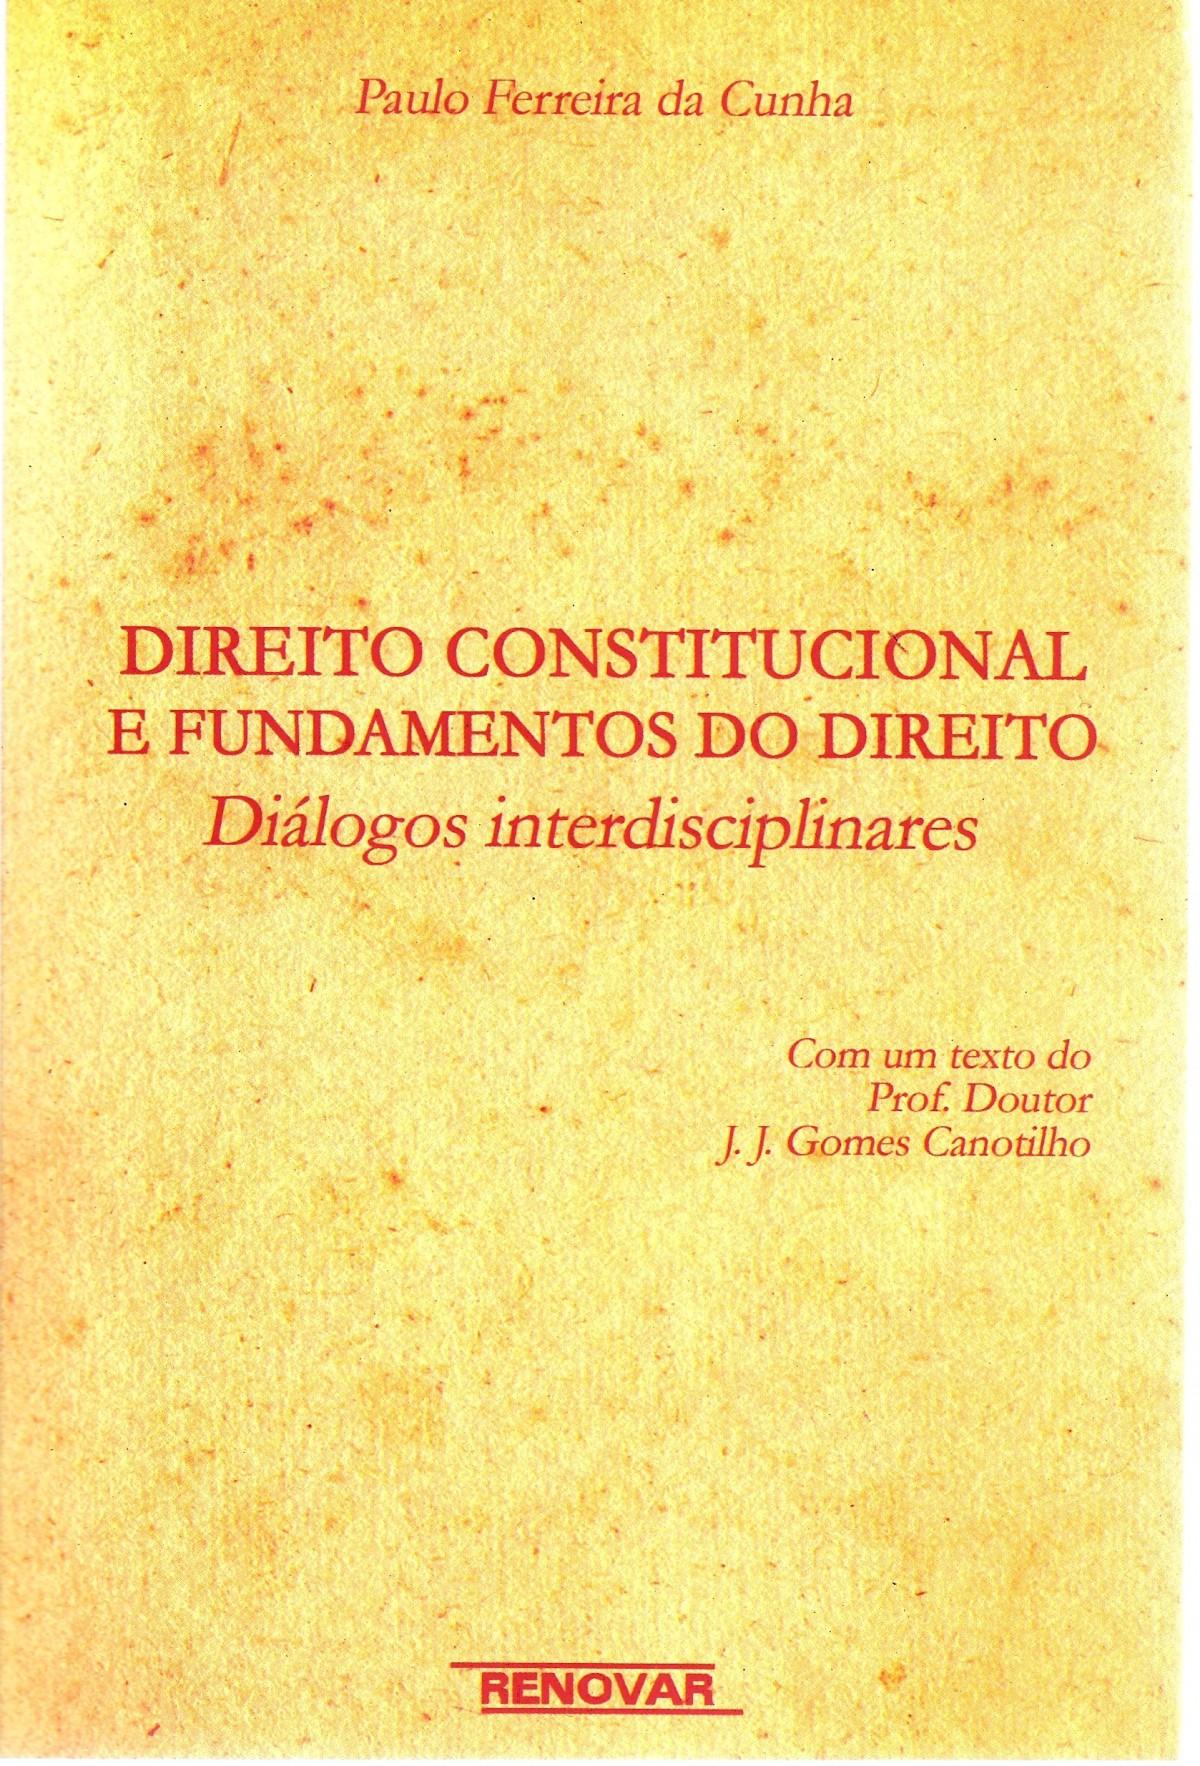 Foto 1 - Direito Constitucional e Fundamentos do Direito